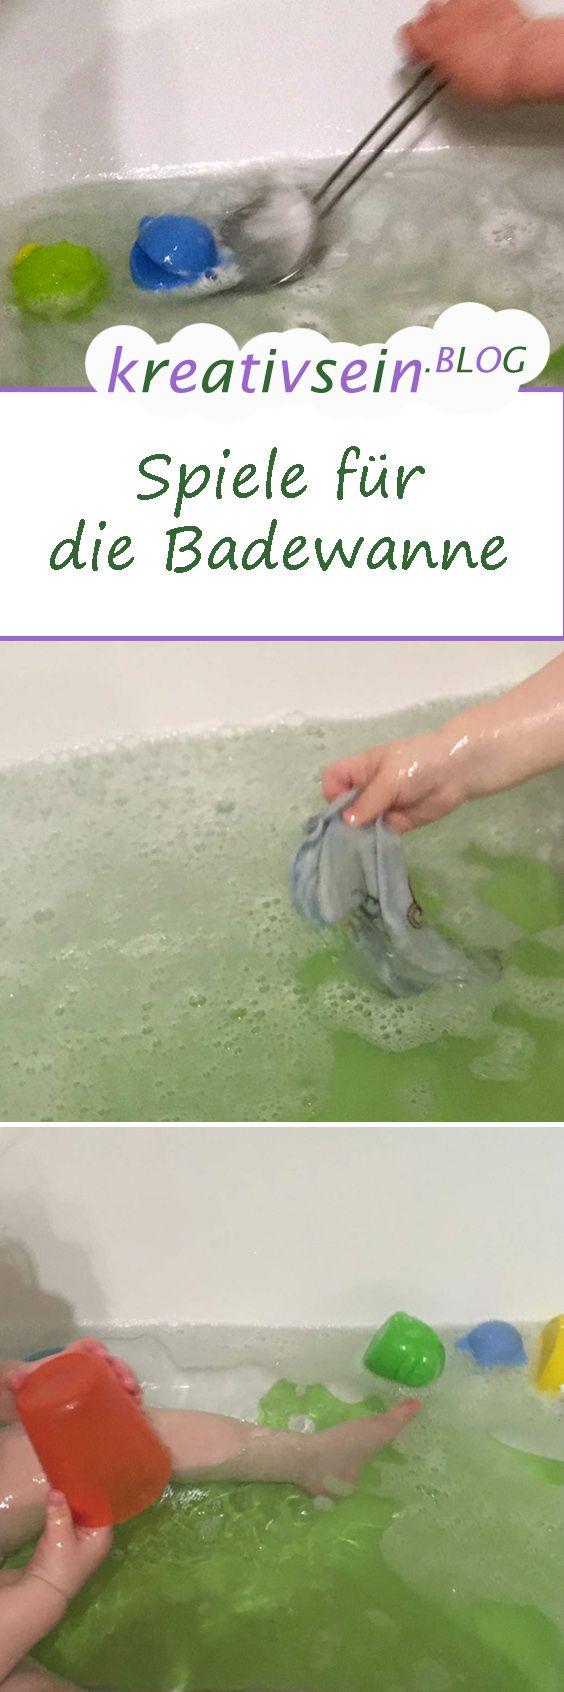 Badewannenspiele Mit Einjahrigen Mit Bildern Wanne Baden Spielideen Fur Kinder